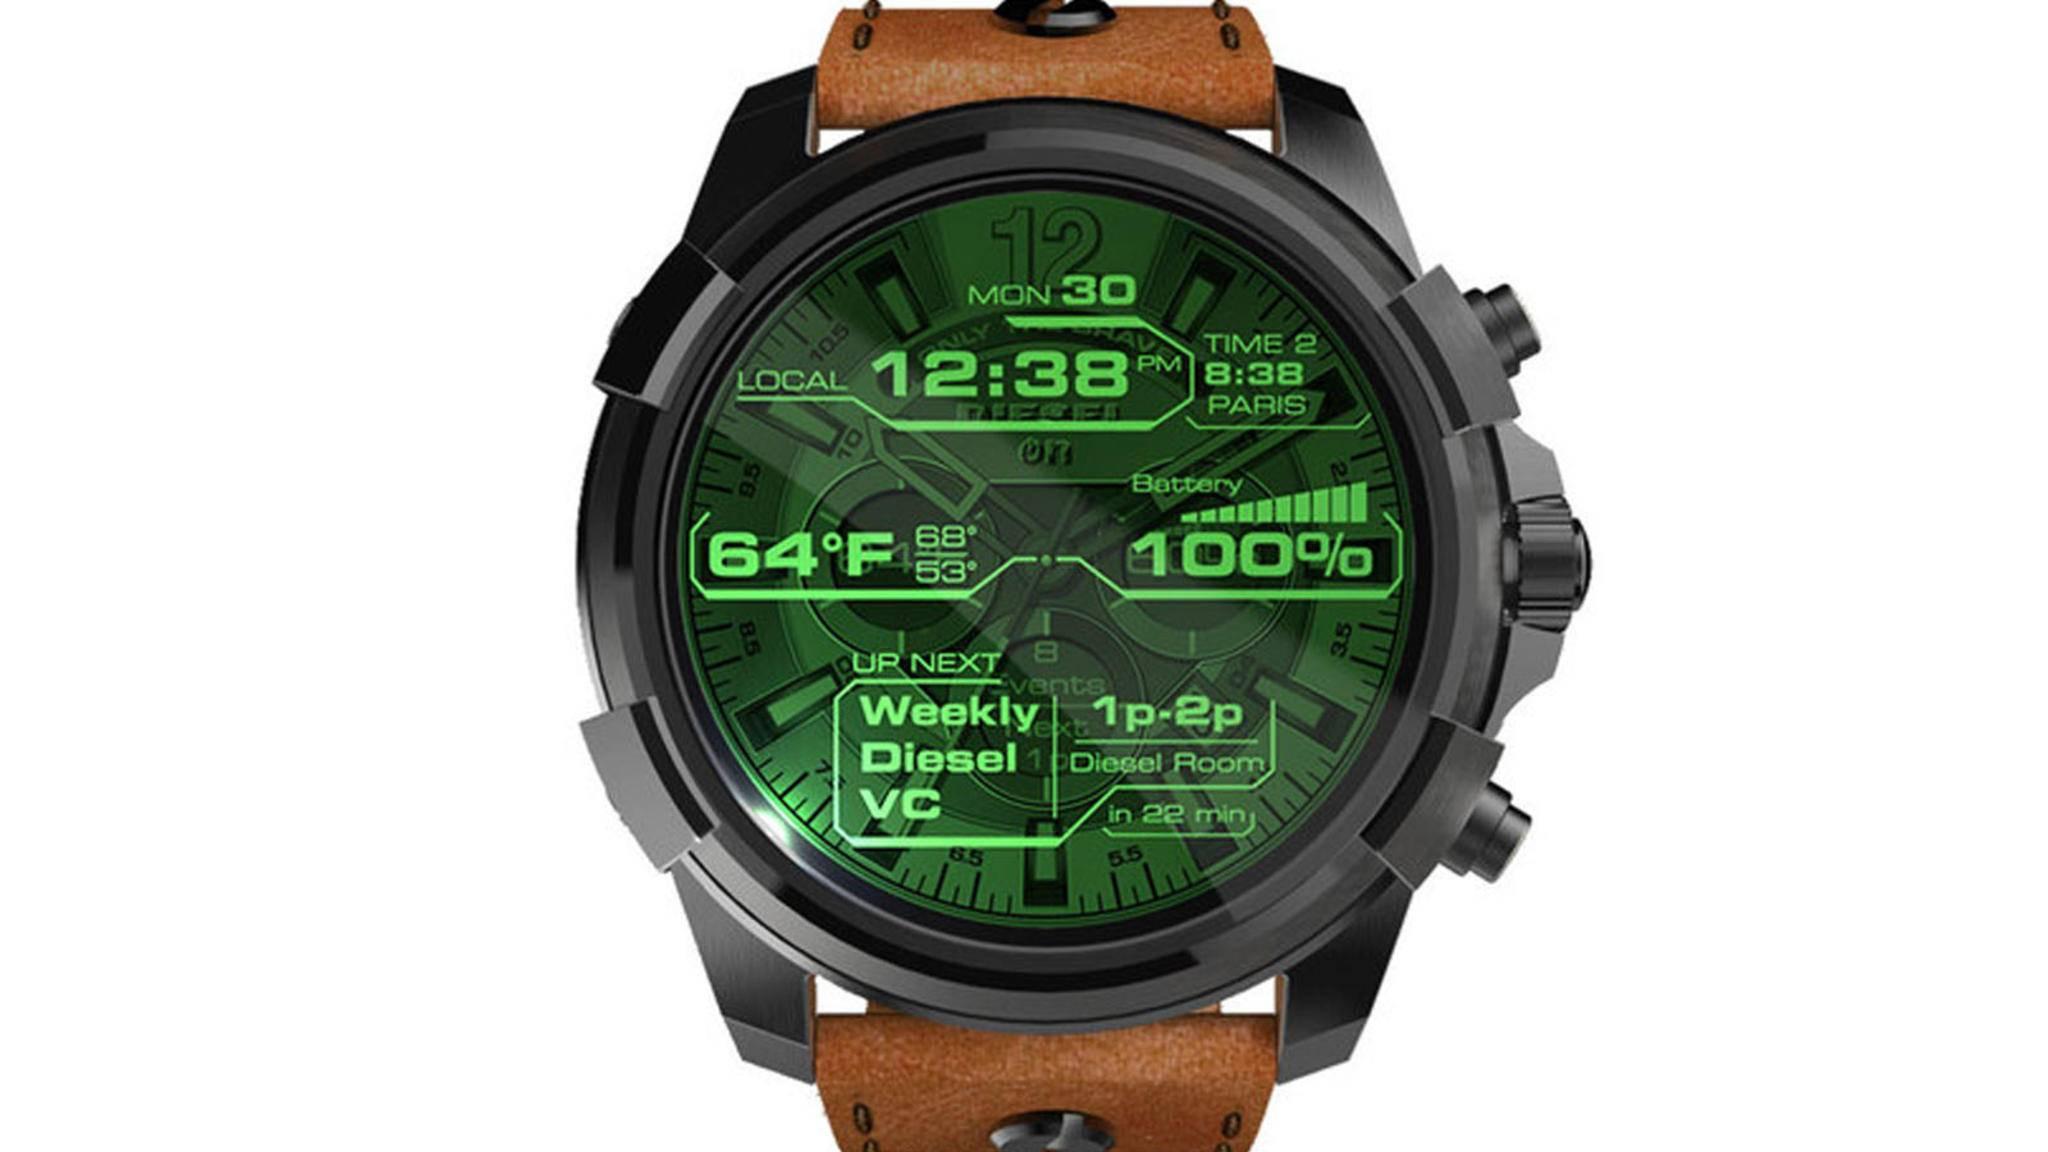 Die Diesel On wird nur eine von zahlreichen neuen Android Wear 2.0-Smartwatches sein, die Fossil in diesem Jahr auf den Markt bringt.